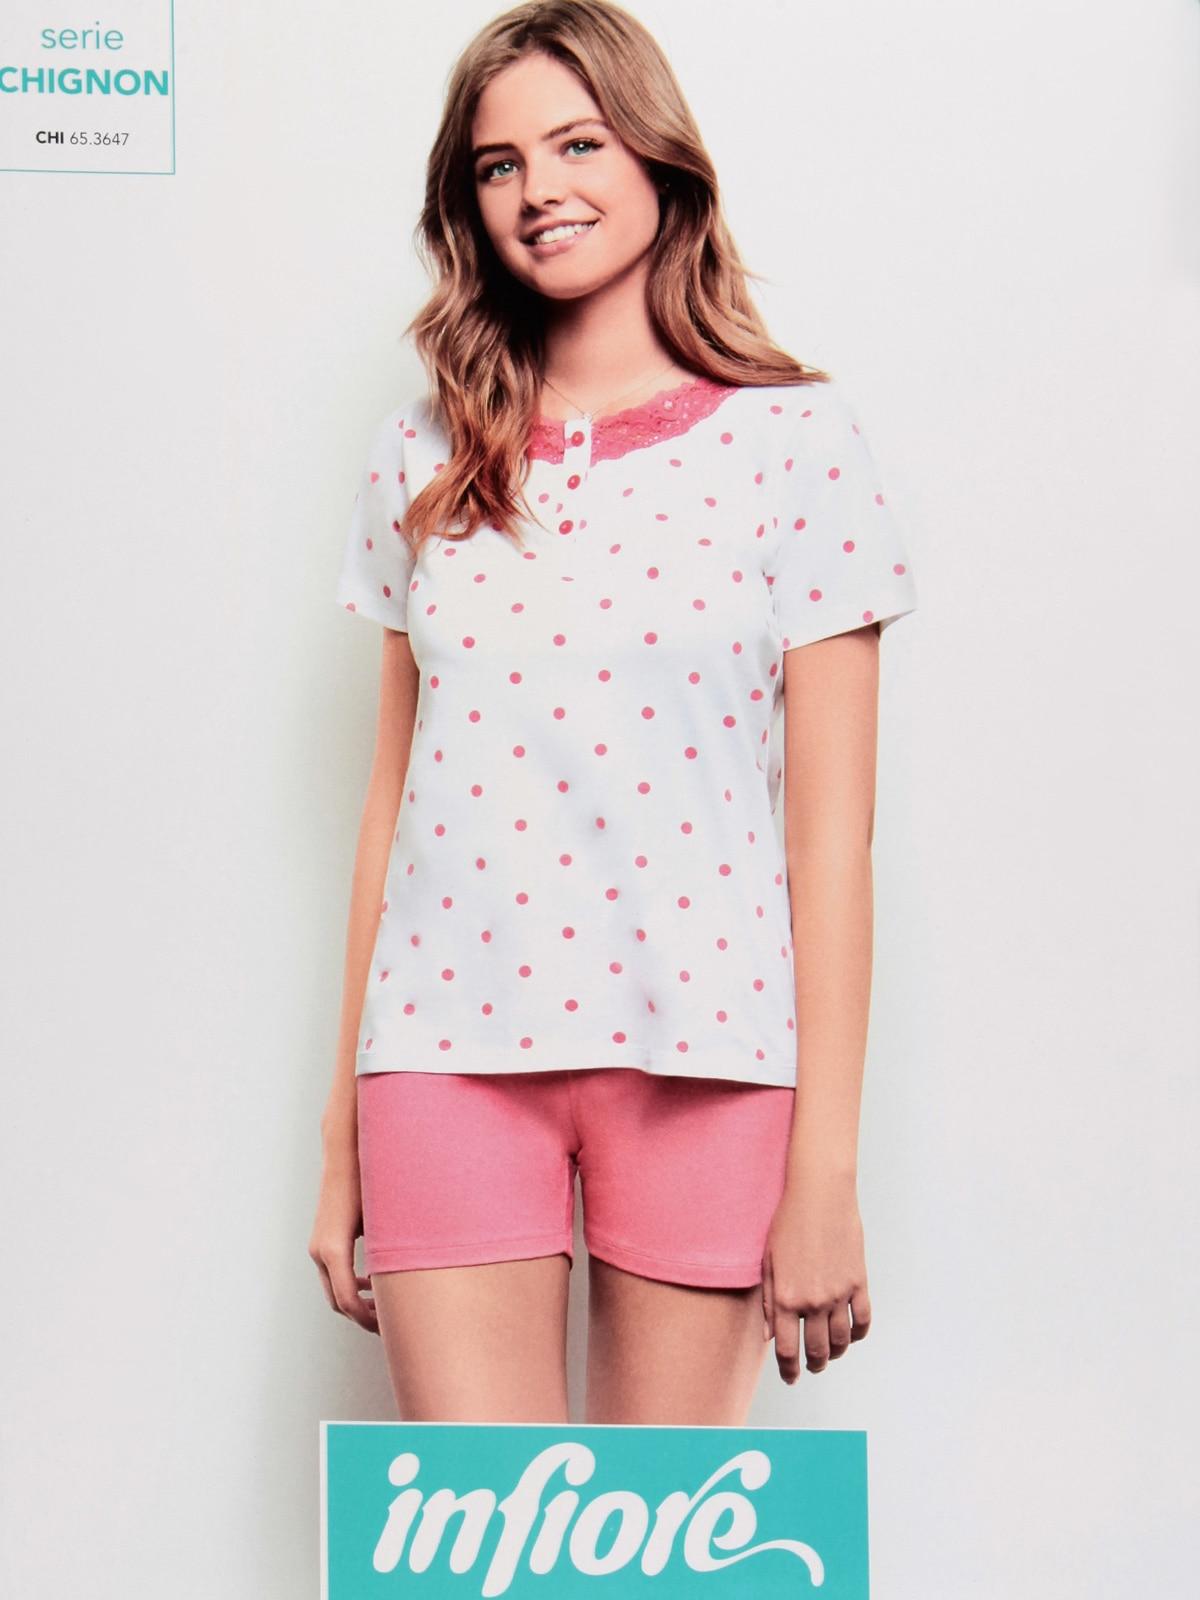 Summer Pajamas With Polka Dot T-shirt